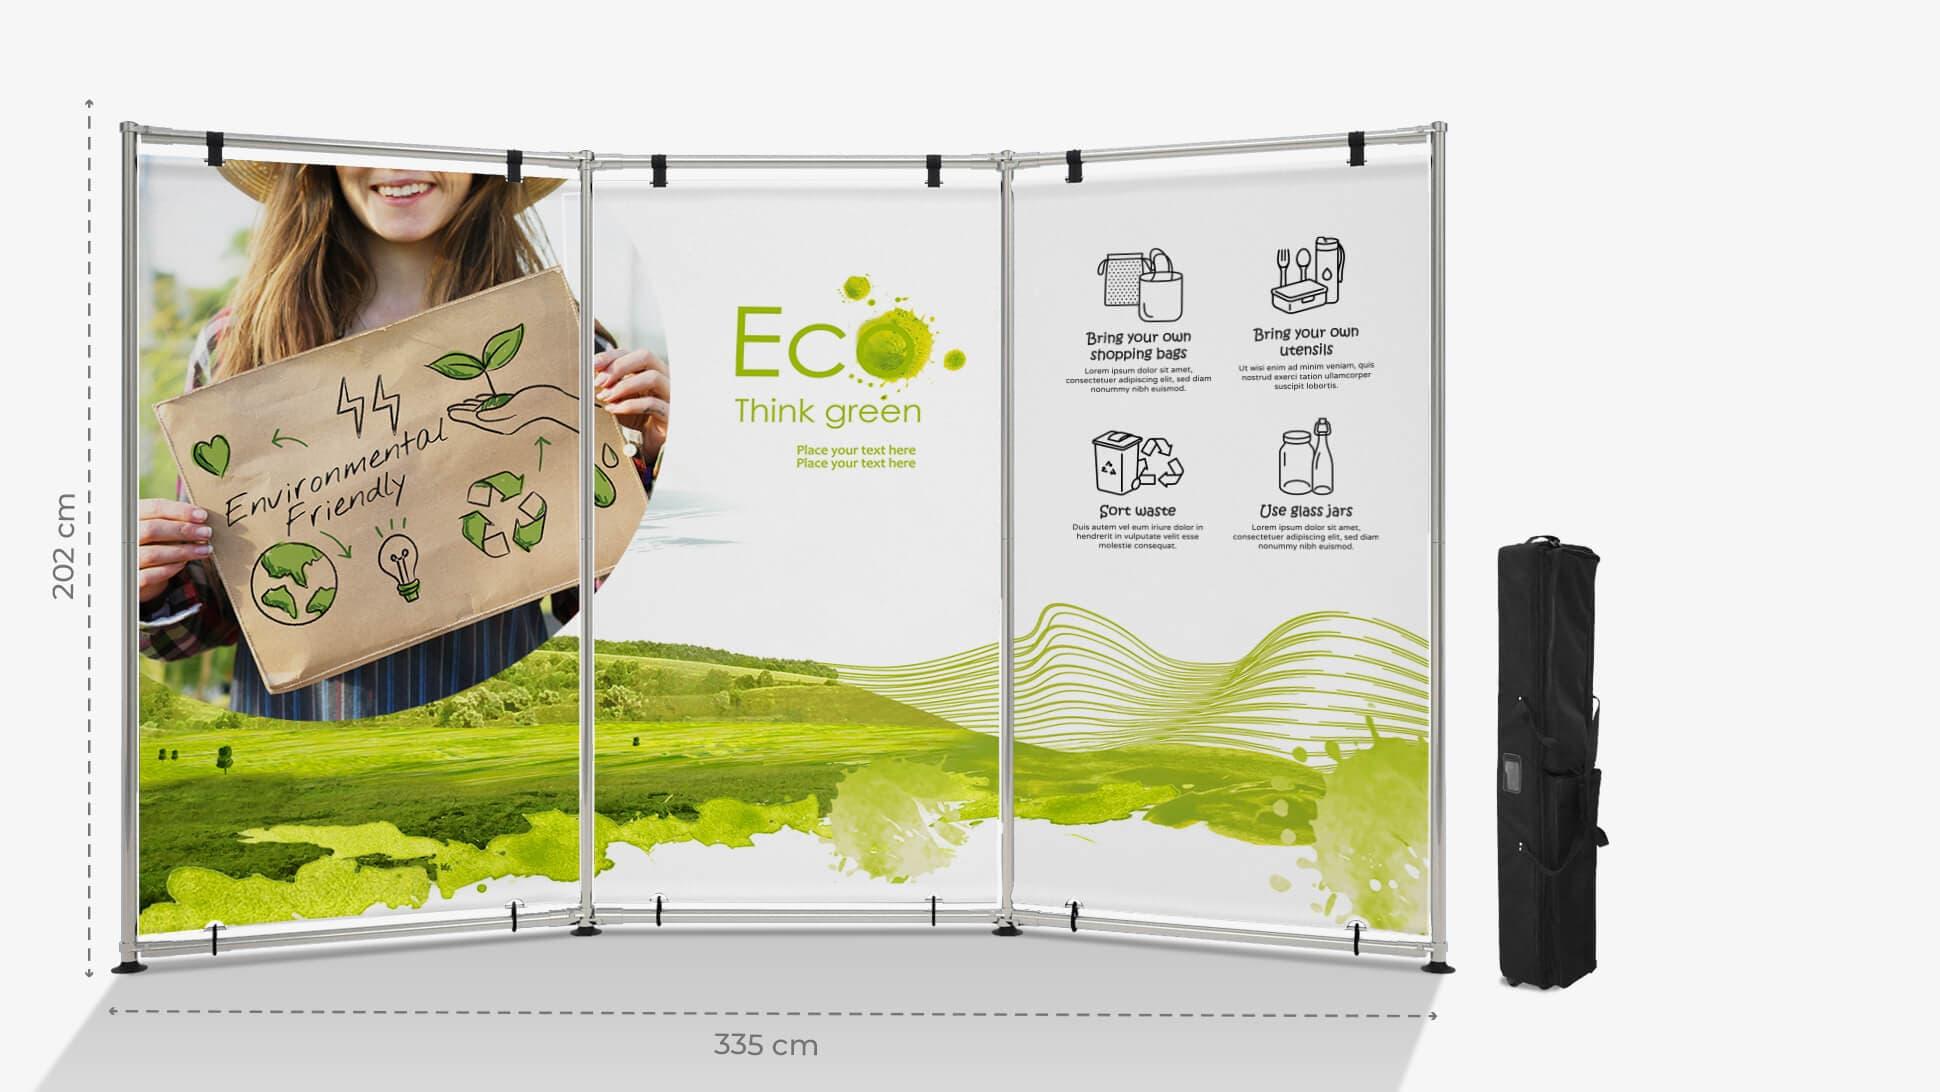 Parete espositiva Jek personalizzabile con grafica ecofriendly | tictac.it